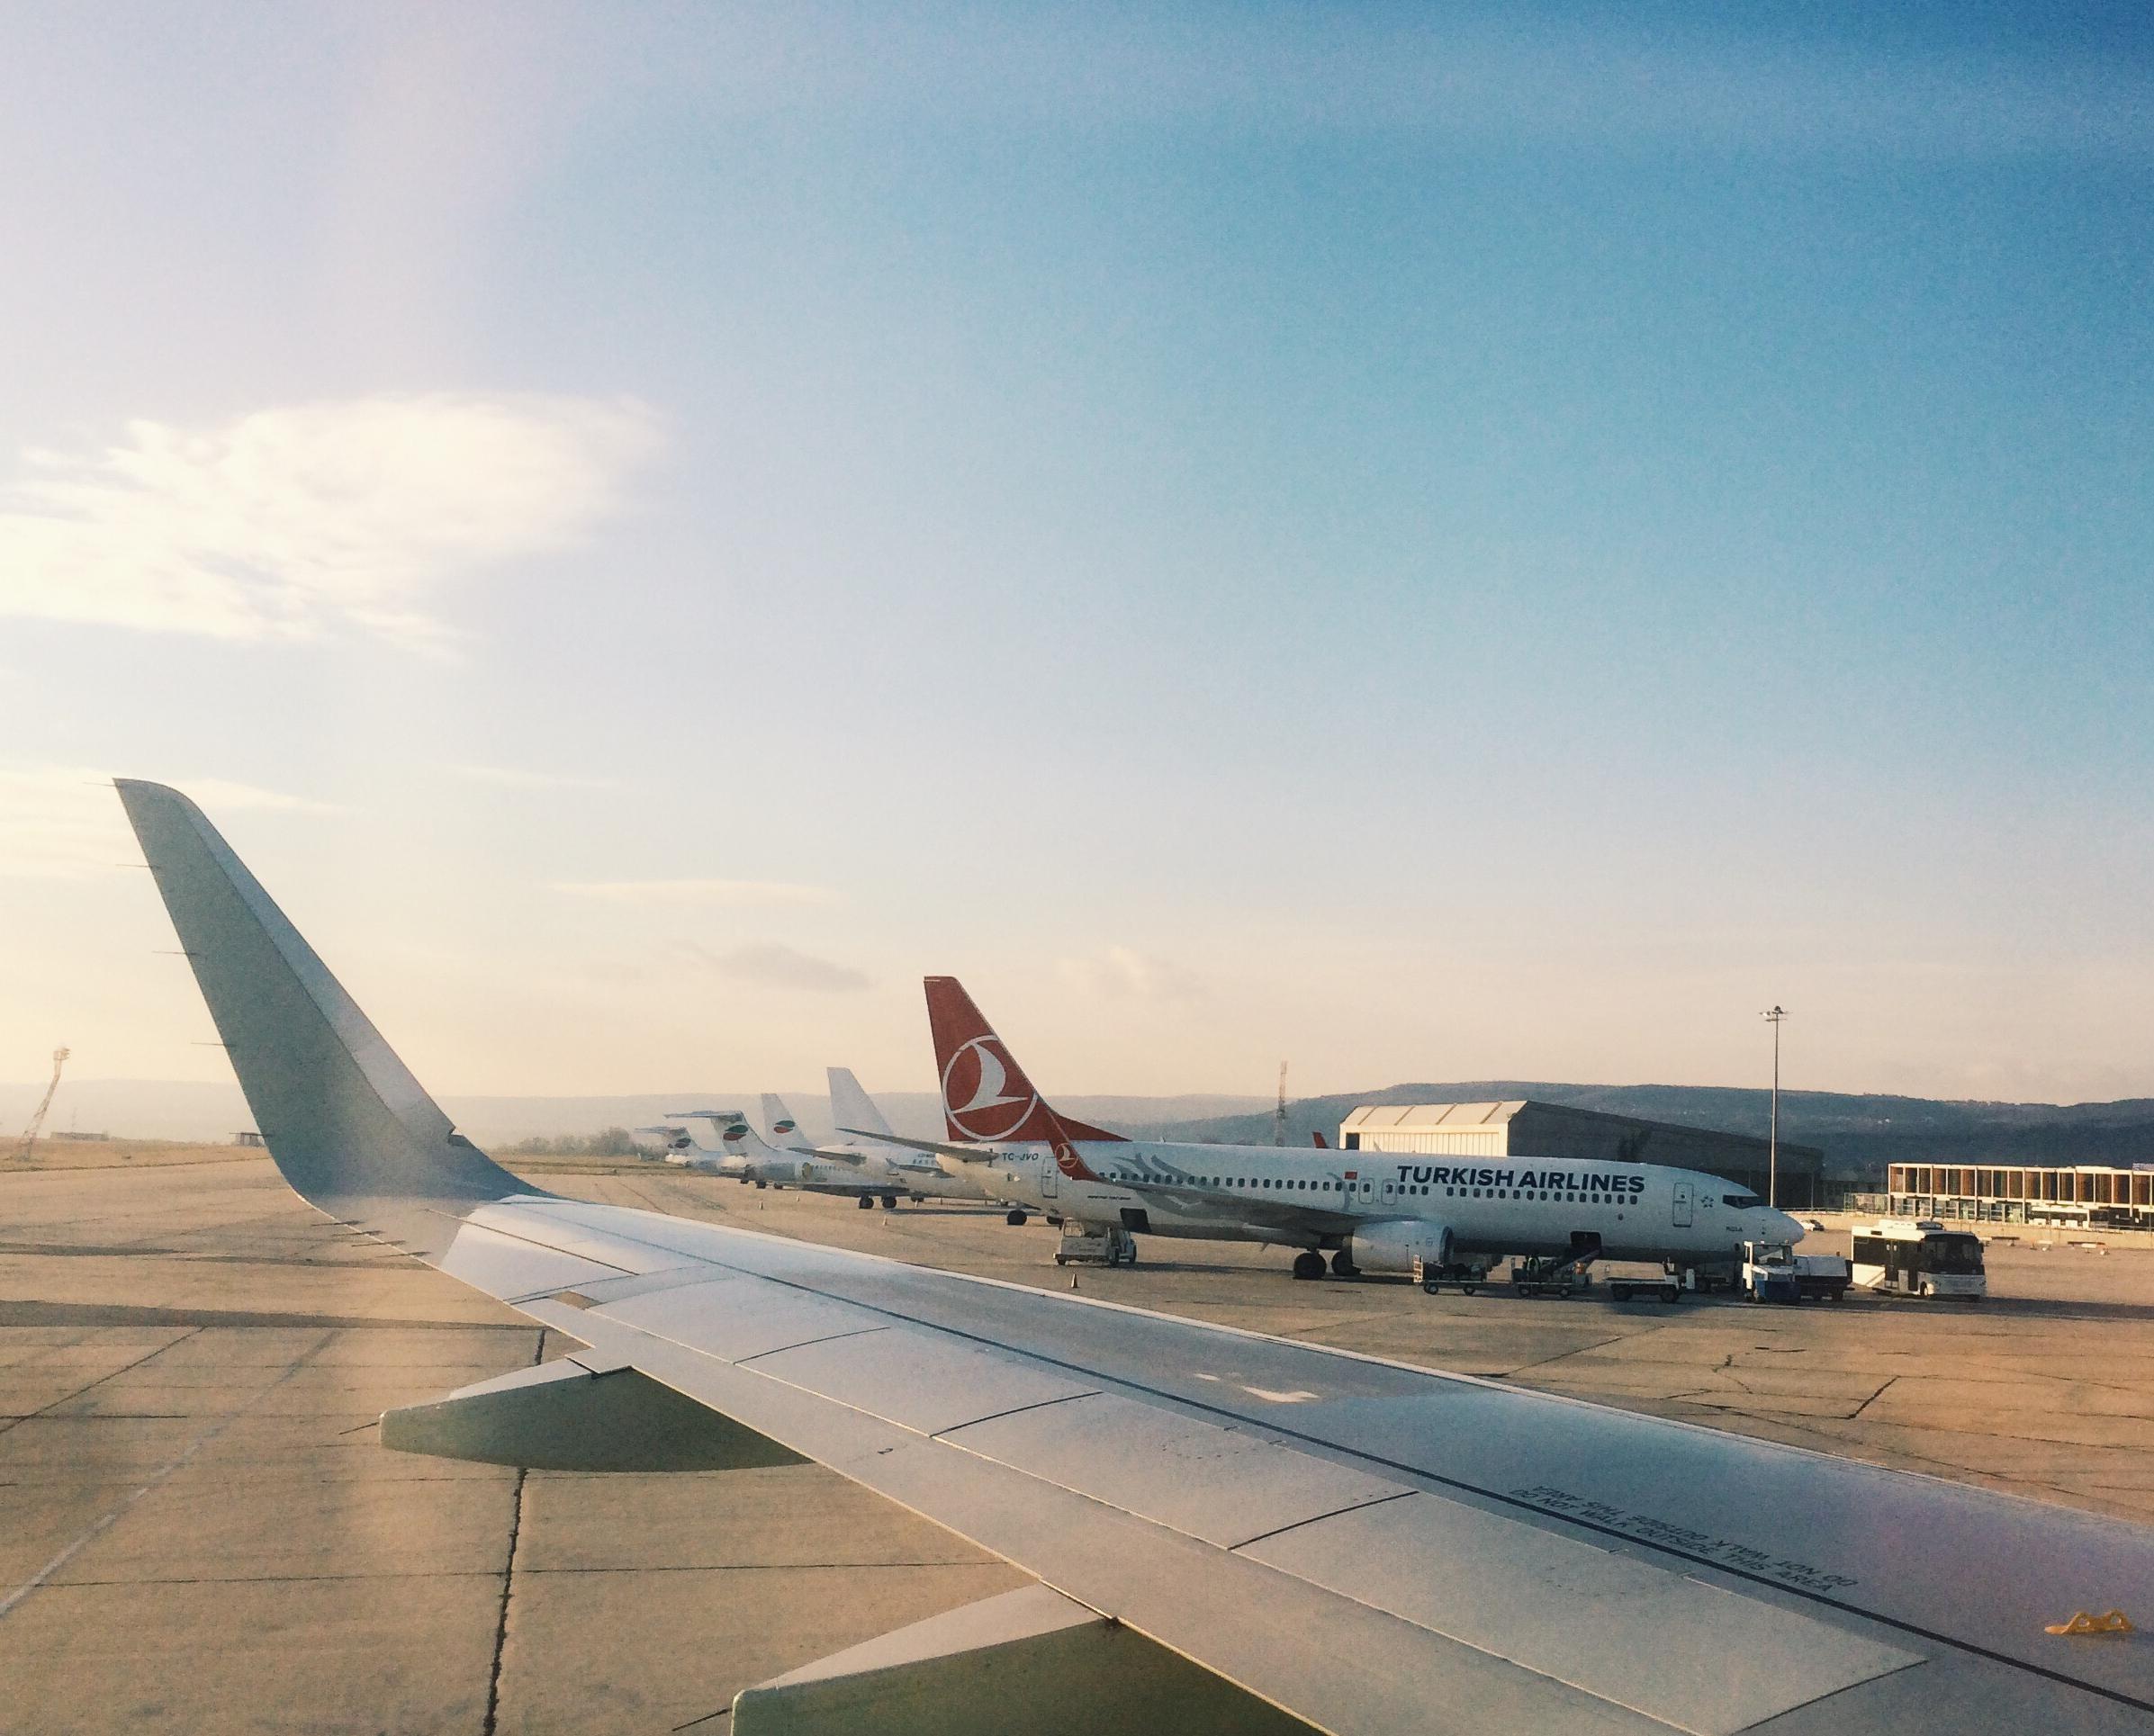 Для российских туристов закрыли Турцию из-за коронавируса